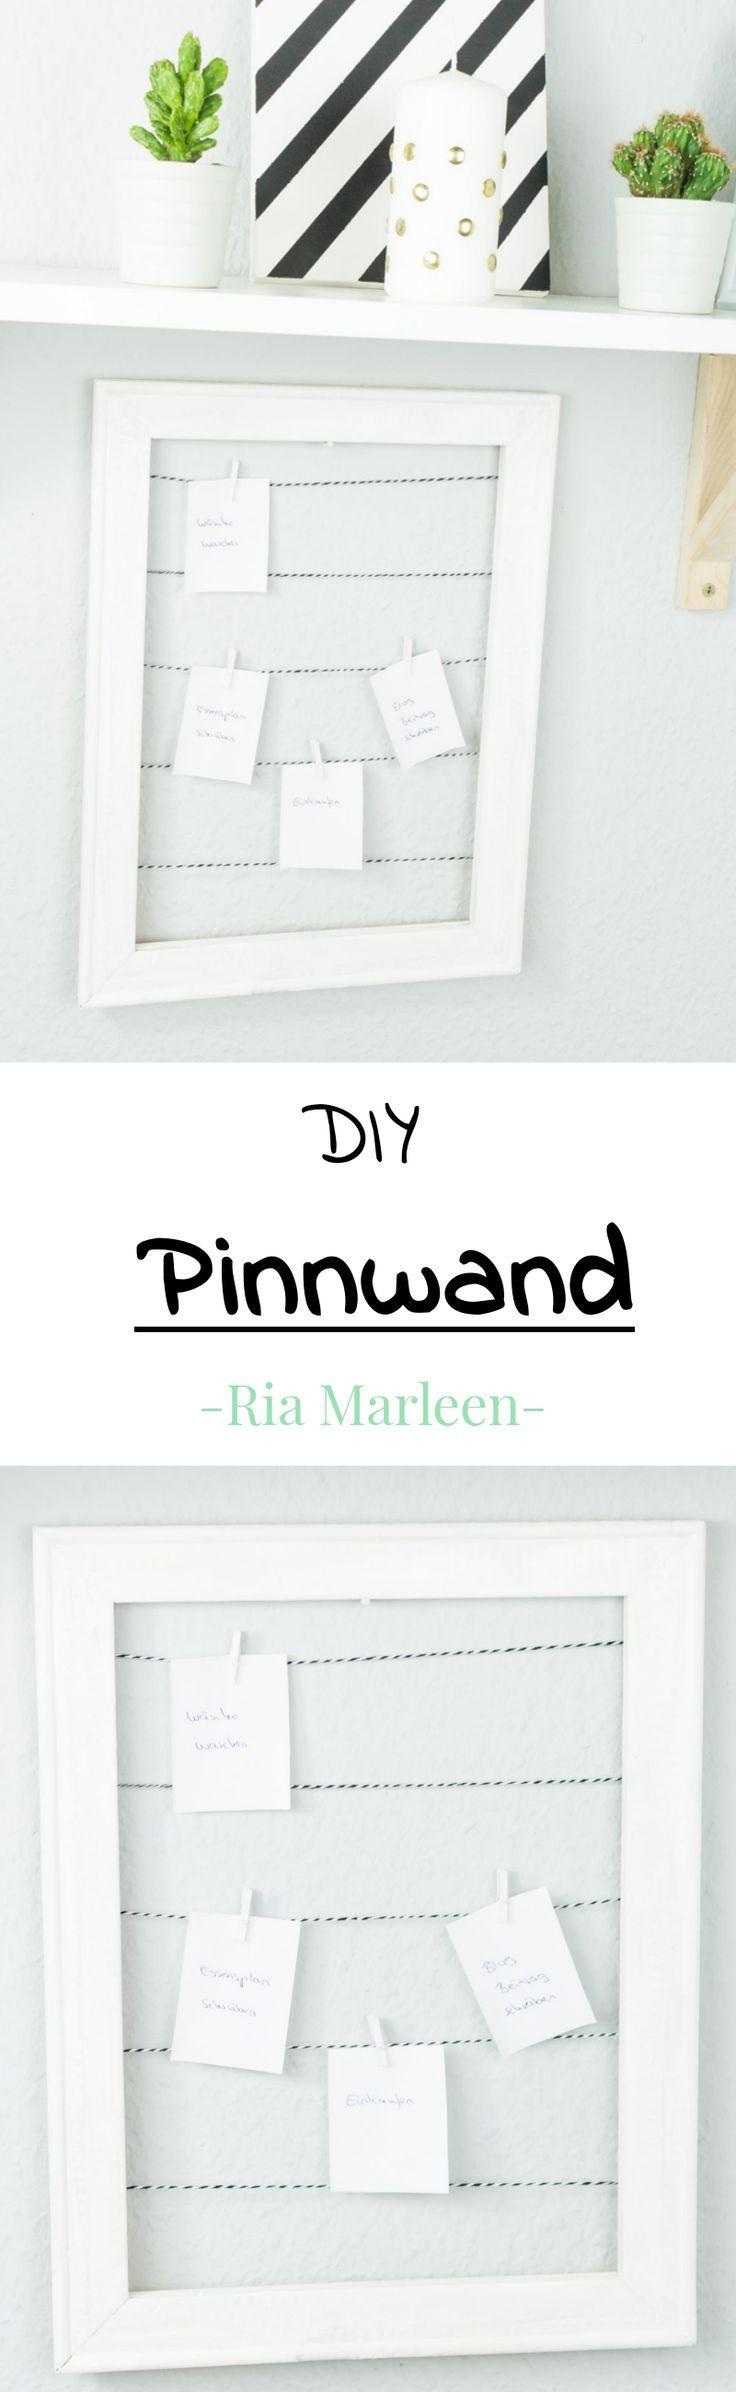 DIY Pinnwand aus Holzrahmen basteln – schnelle Upcycling Idee – Personello – DIY Ideen: Geschenke, Deko, Basteln & Selbermachen